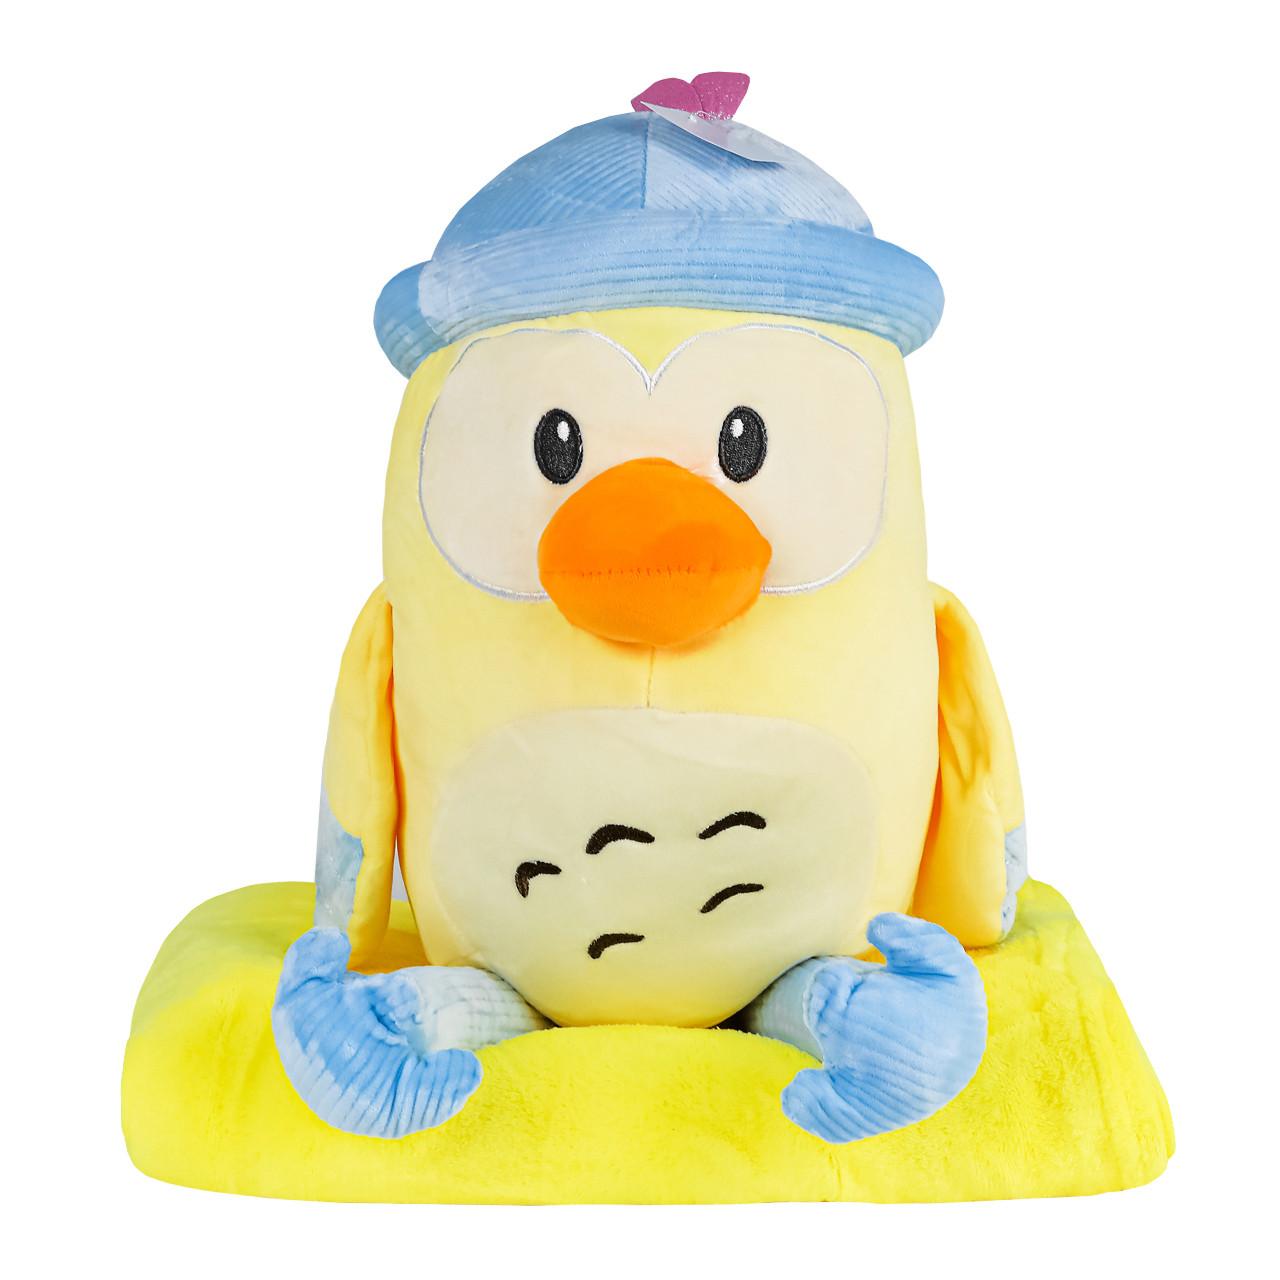 Игрушка с пледом Пингвин в голубой шапке, плюшевая декоративная игрушка-плед 2в1